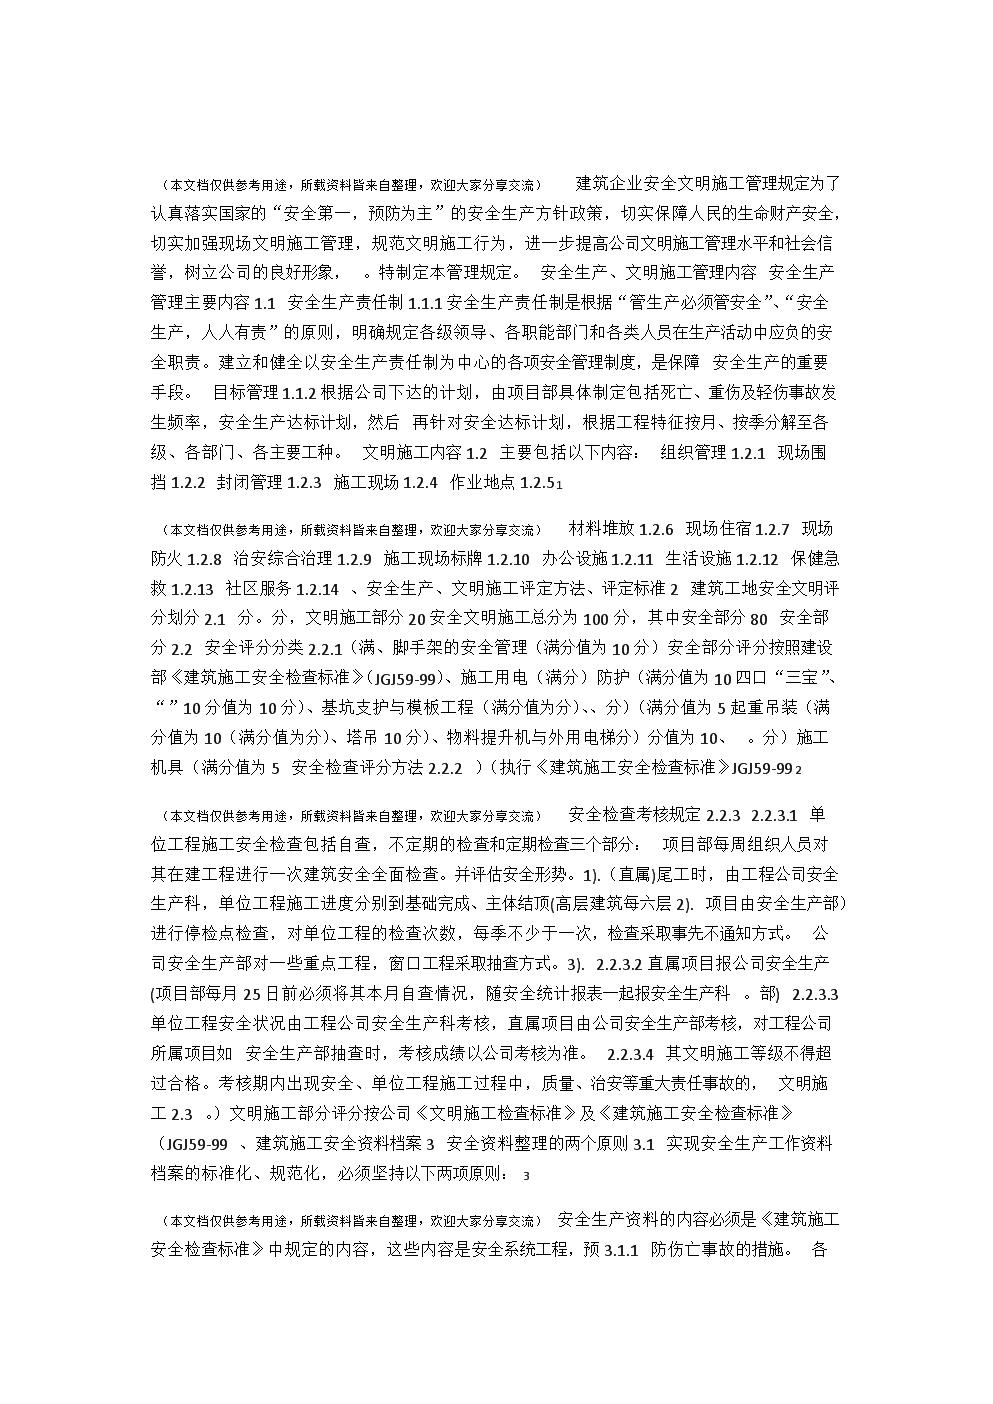 建筑安全建筑企业安全文明施工管理规定.doc